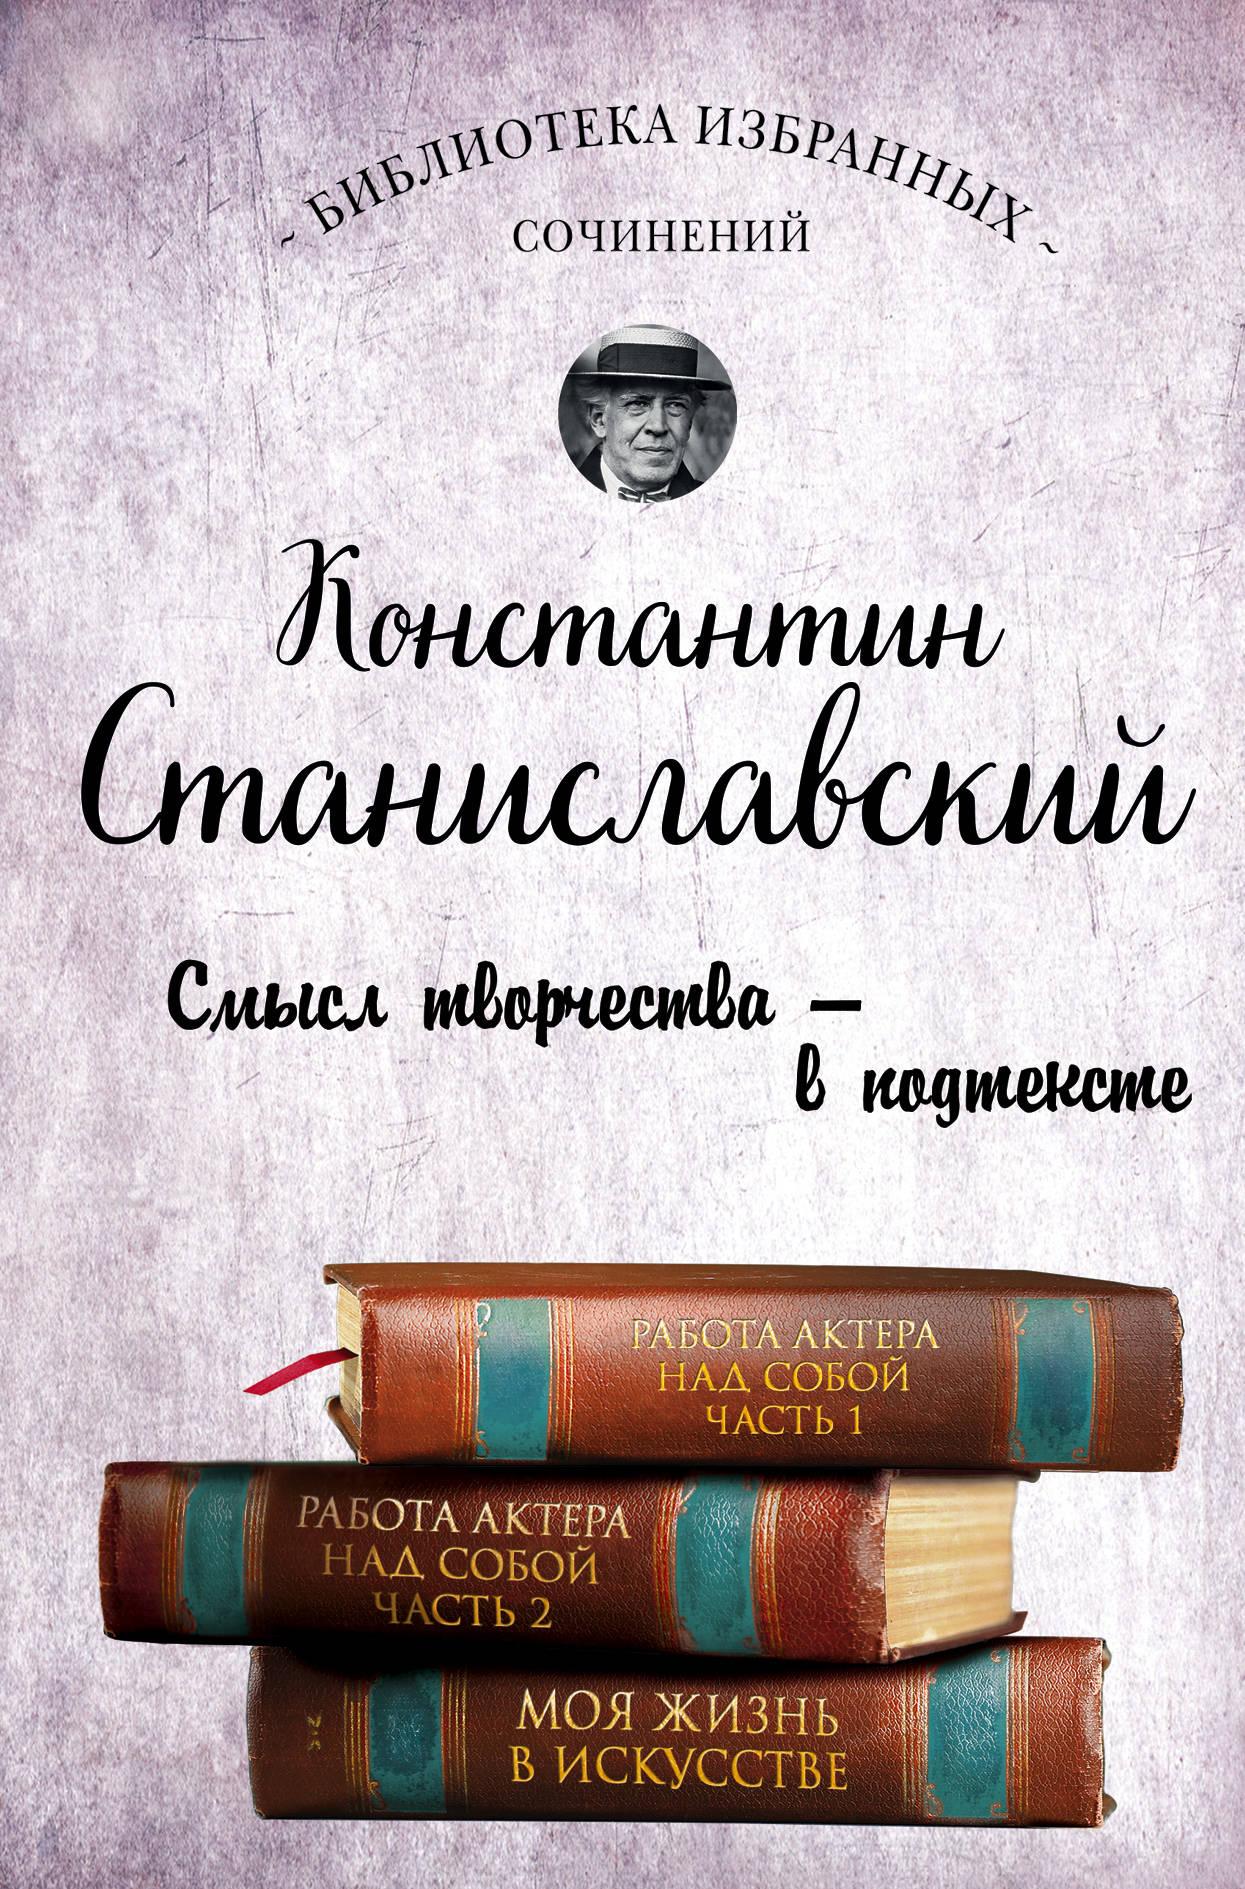 Константин Станиславский Константин Станиславский. Работа актера над собой. Части 1 и 2. Моя жизнь в искусстве